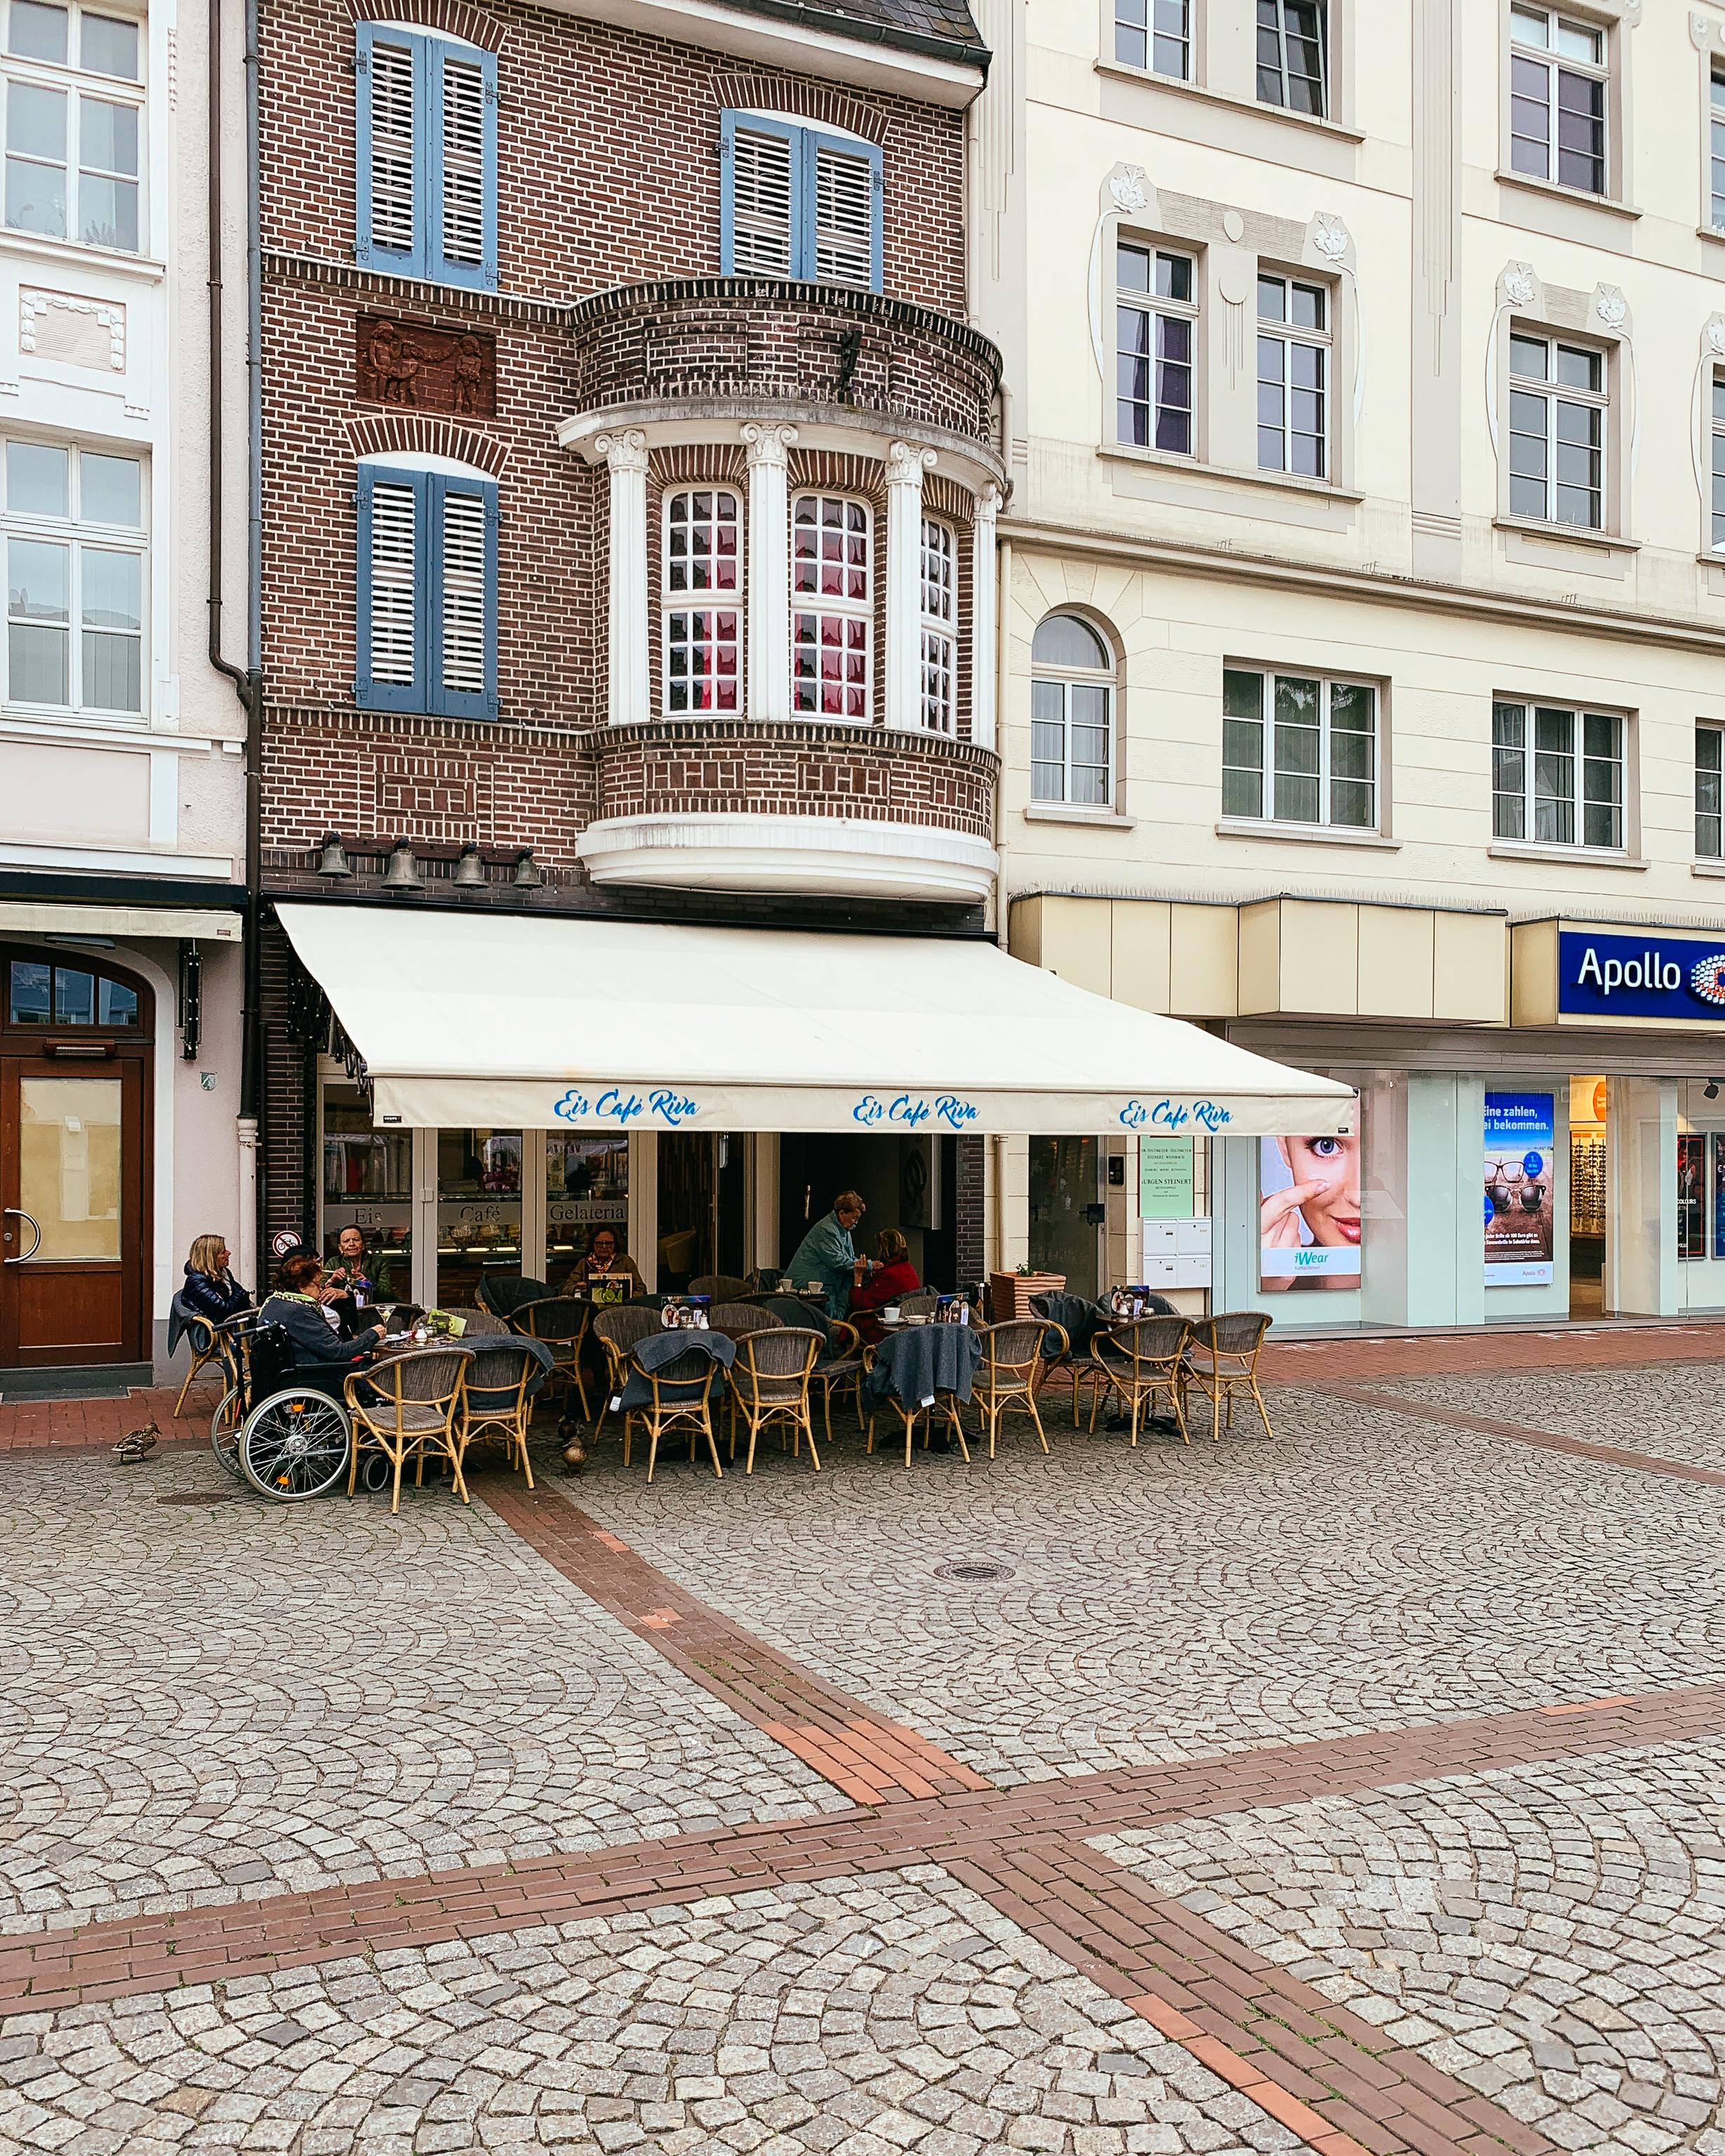 Leckerer Zwischenstopp: Auf ein Spaghetti-Eis im Eiscafé Riva -